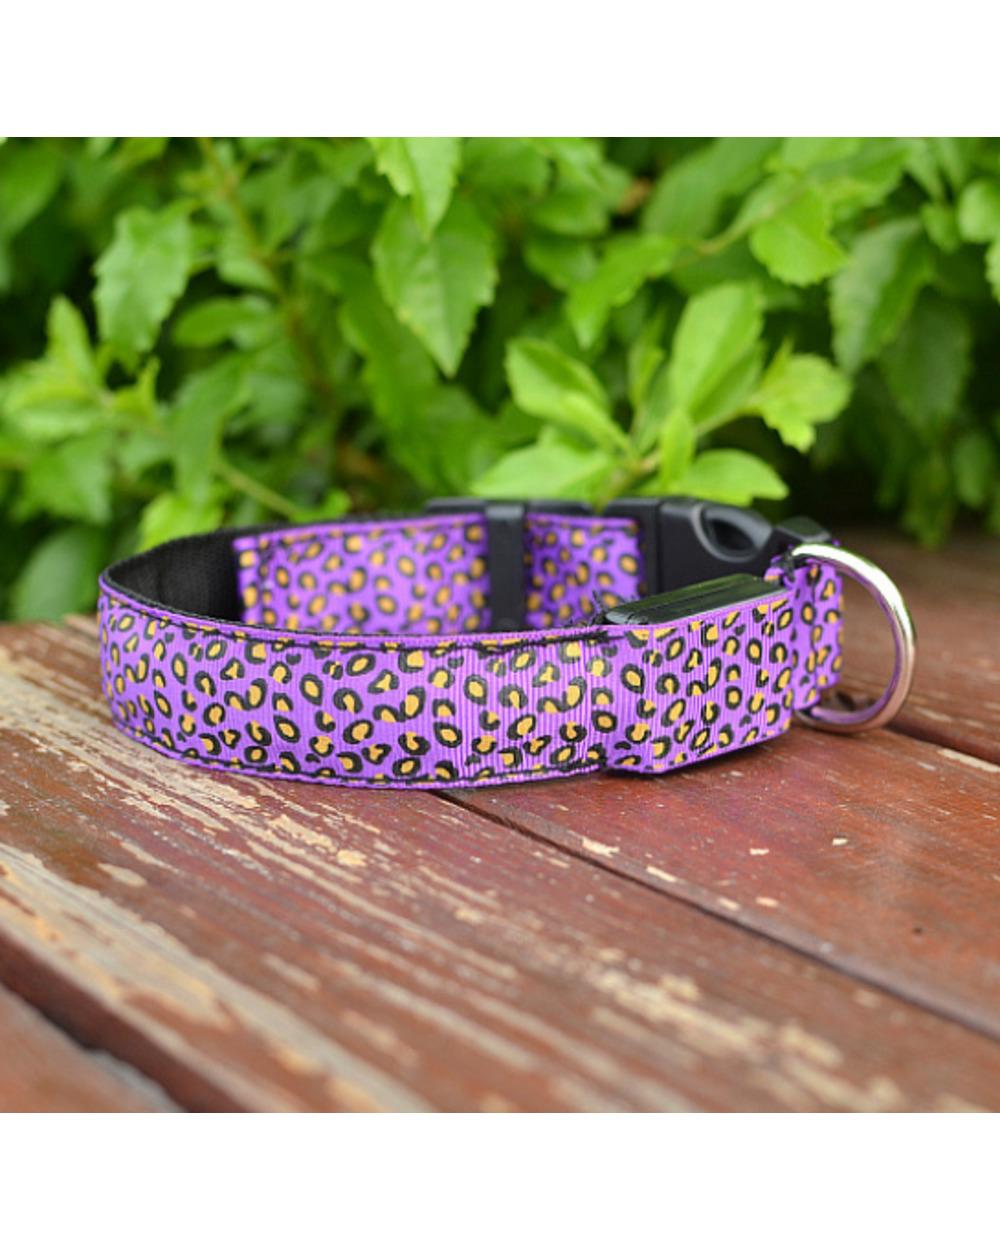 Led Dog Collar LED Dog Collar 2